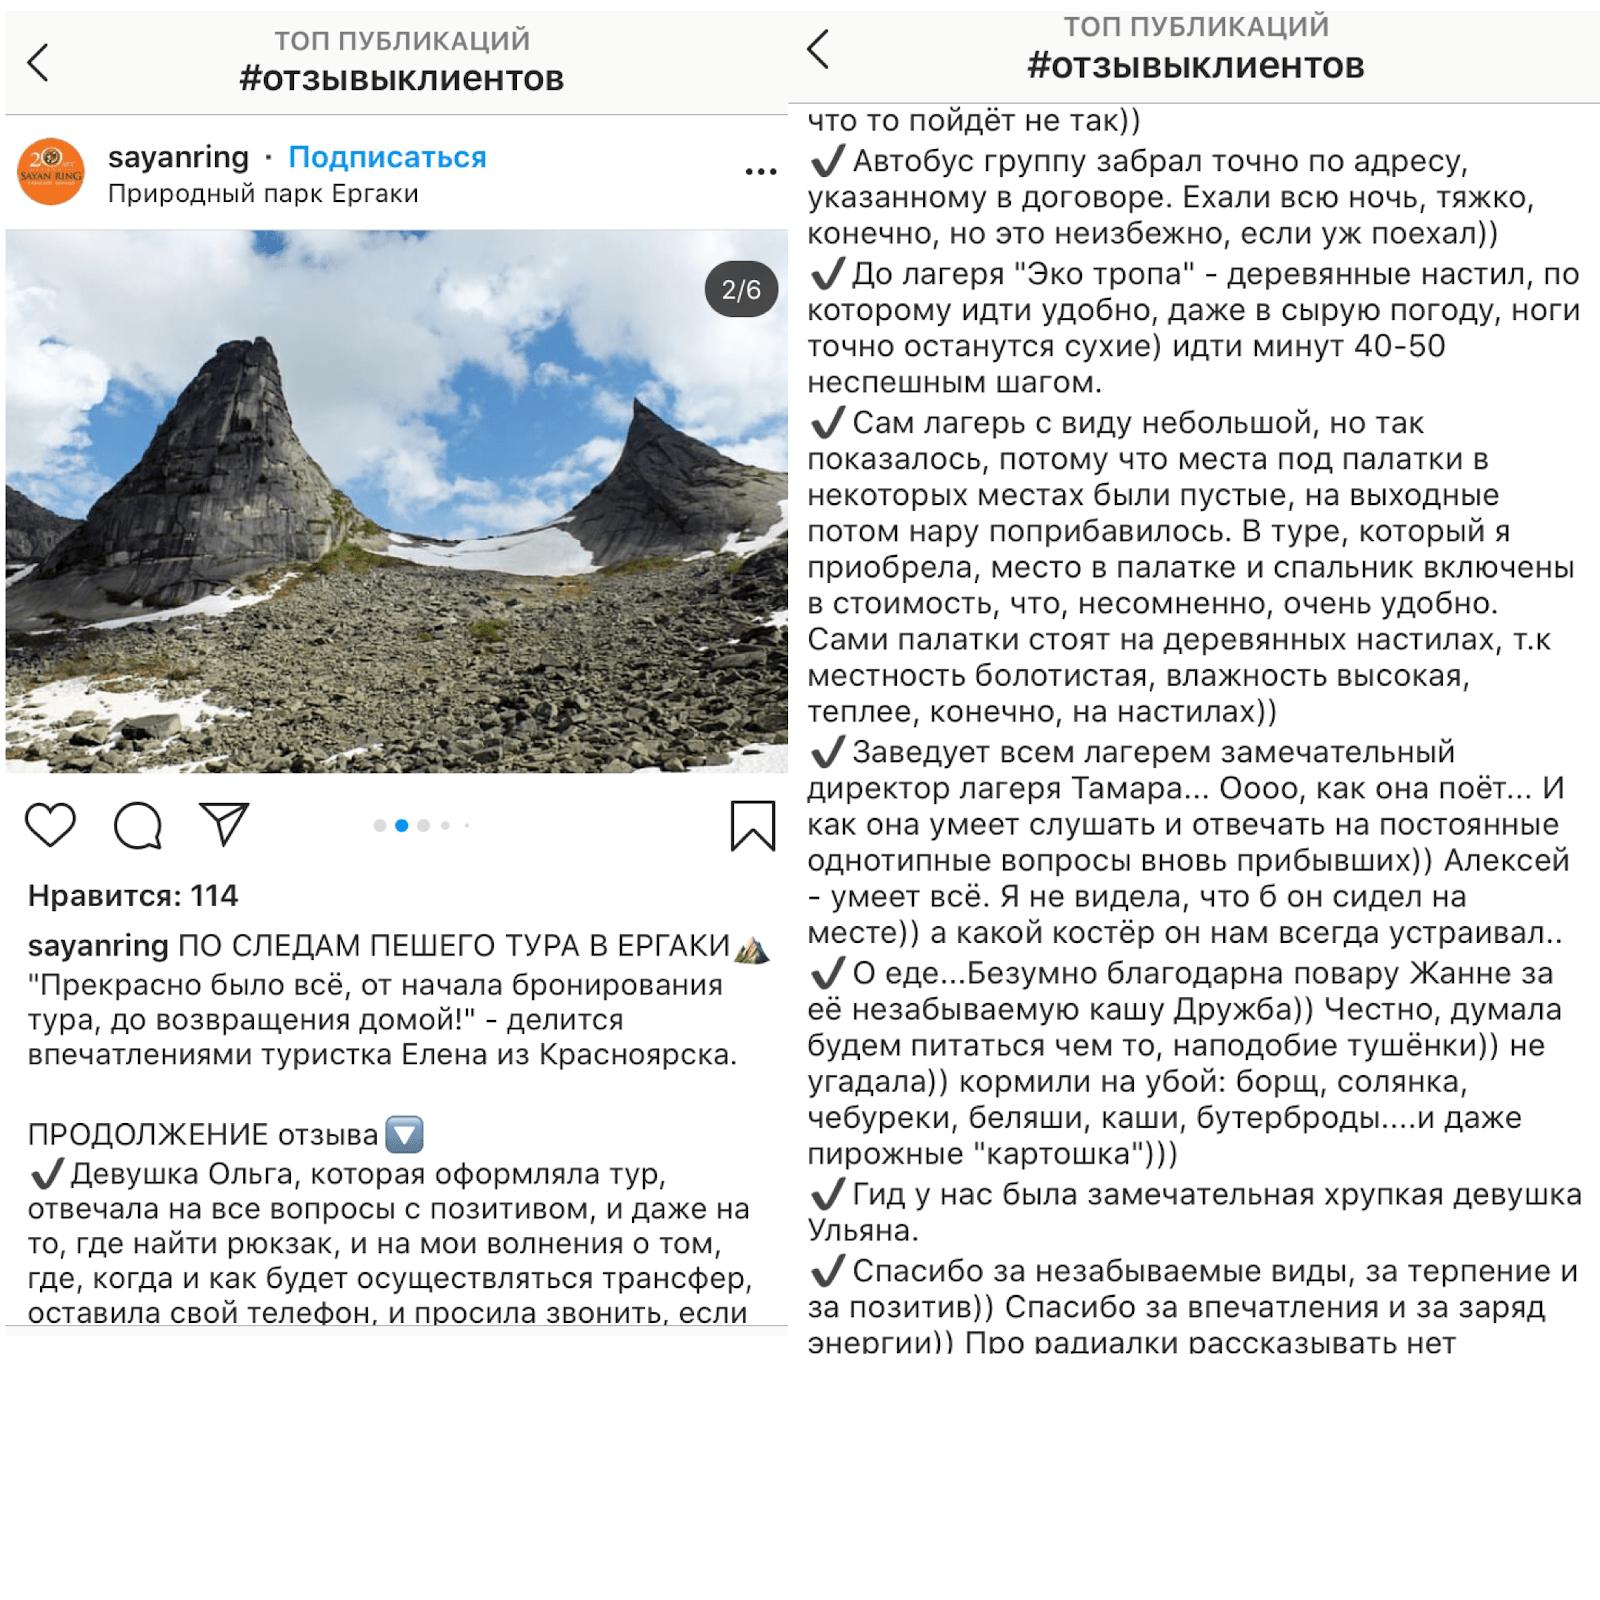 Отзыв в instagram в формате сторителлинга